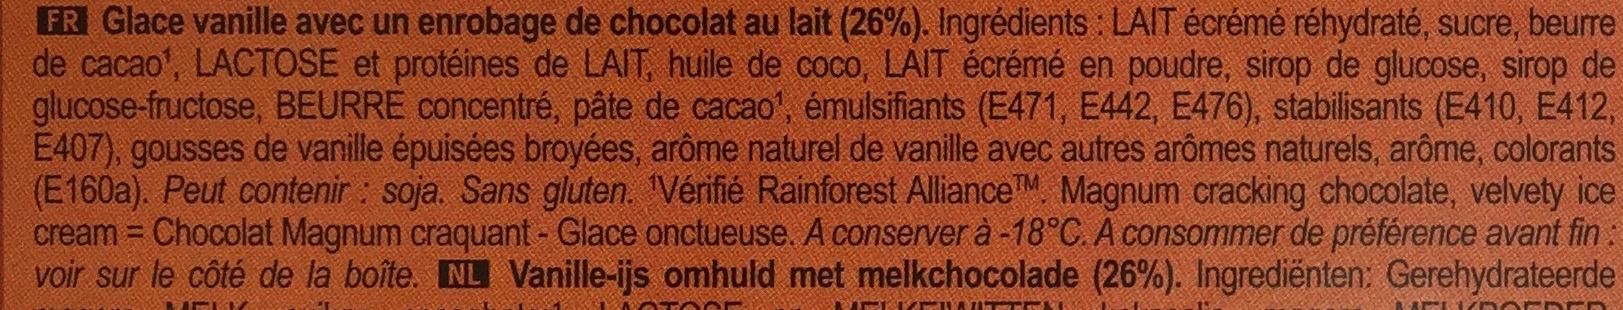 Magnum Chocolat au Lait - Ingrédients - fr